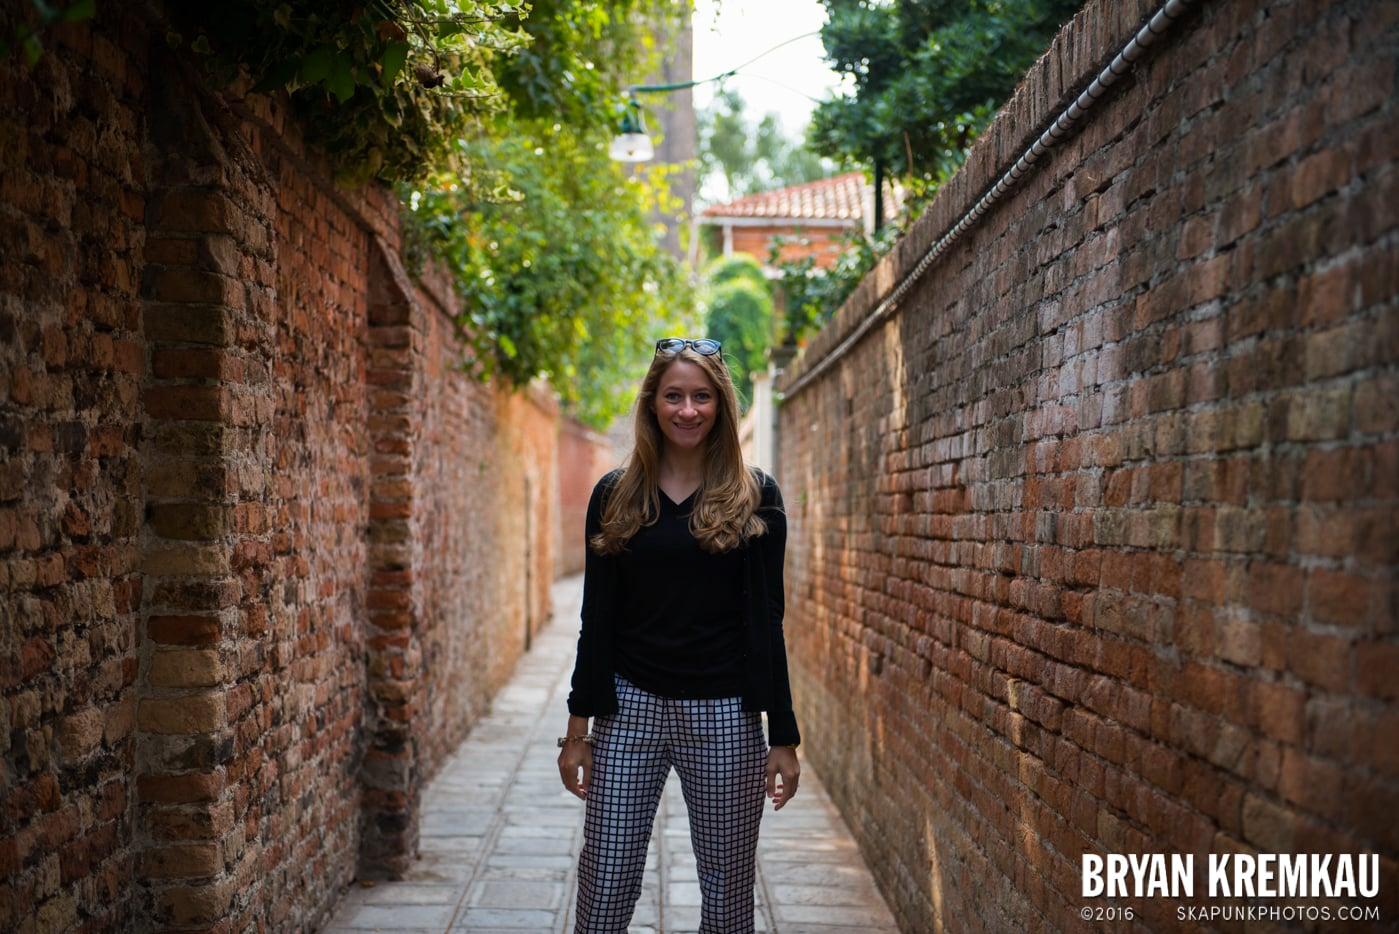 Italy Vacation - Day 6: Murano, Burano, Venice - 9.14.13 (89)